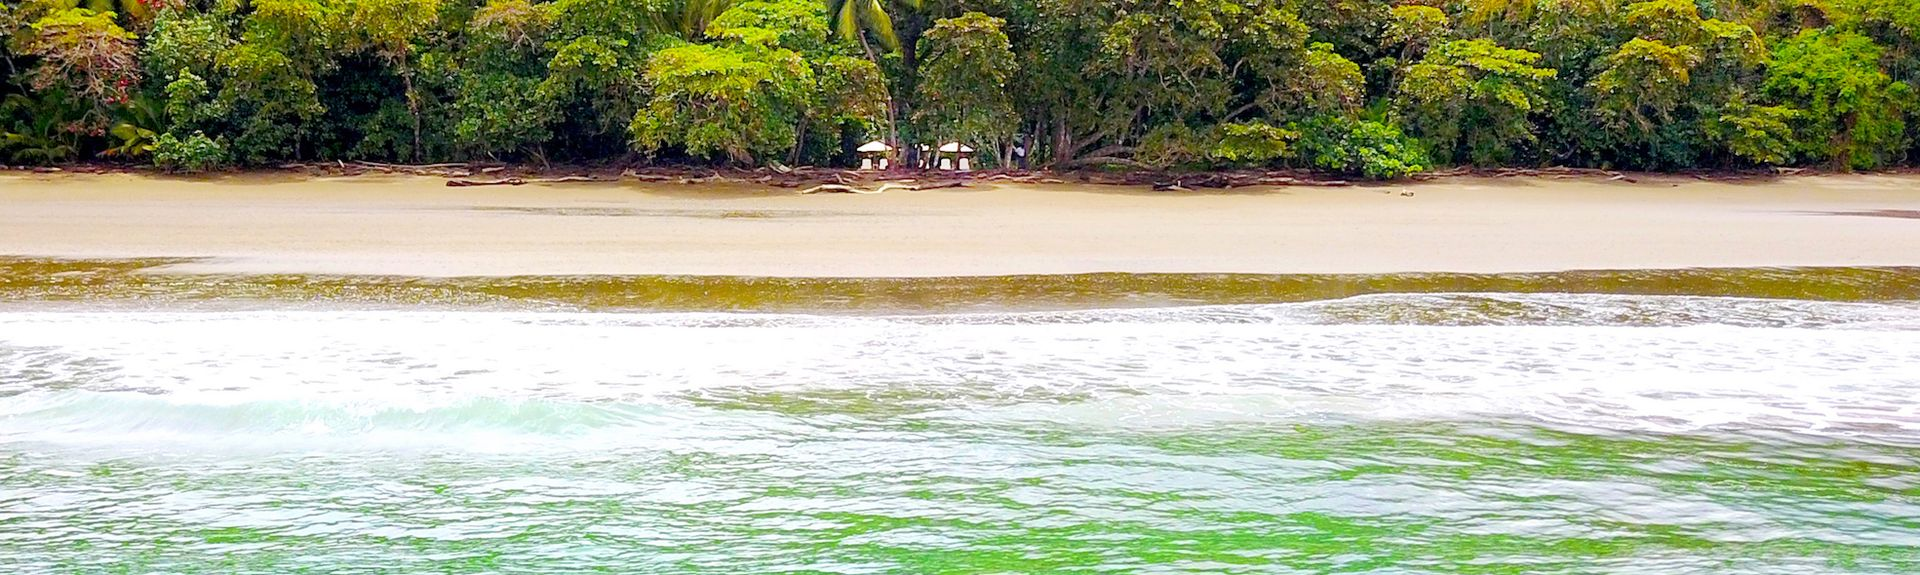 Pérez Zeledón, Costa Rica